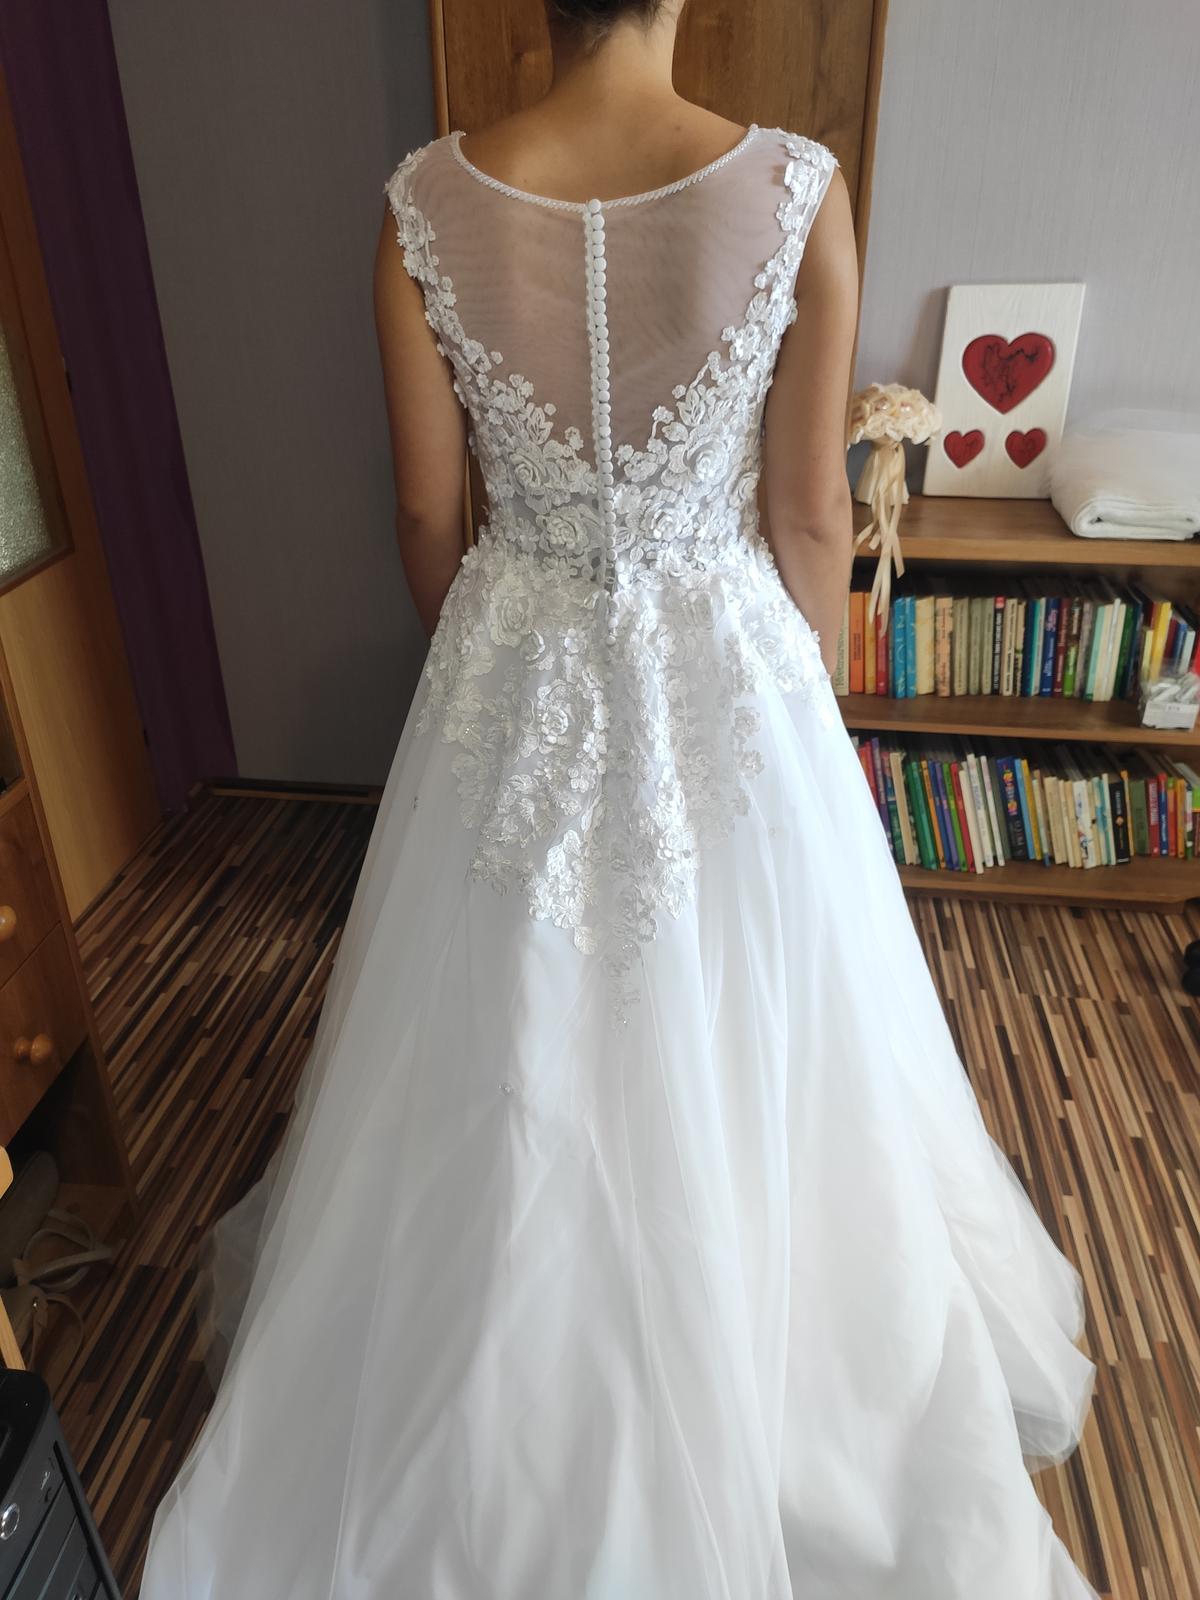 Predávam svoje svadobné šaty - Obrázok č. 2